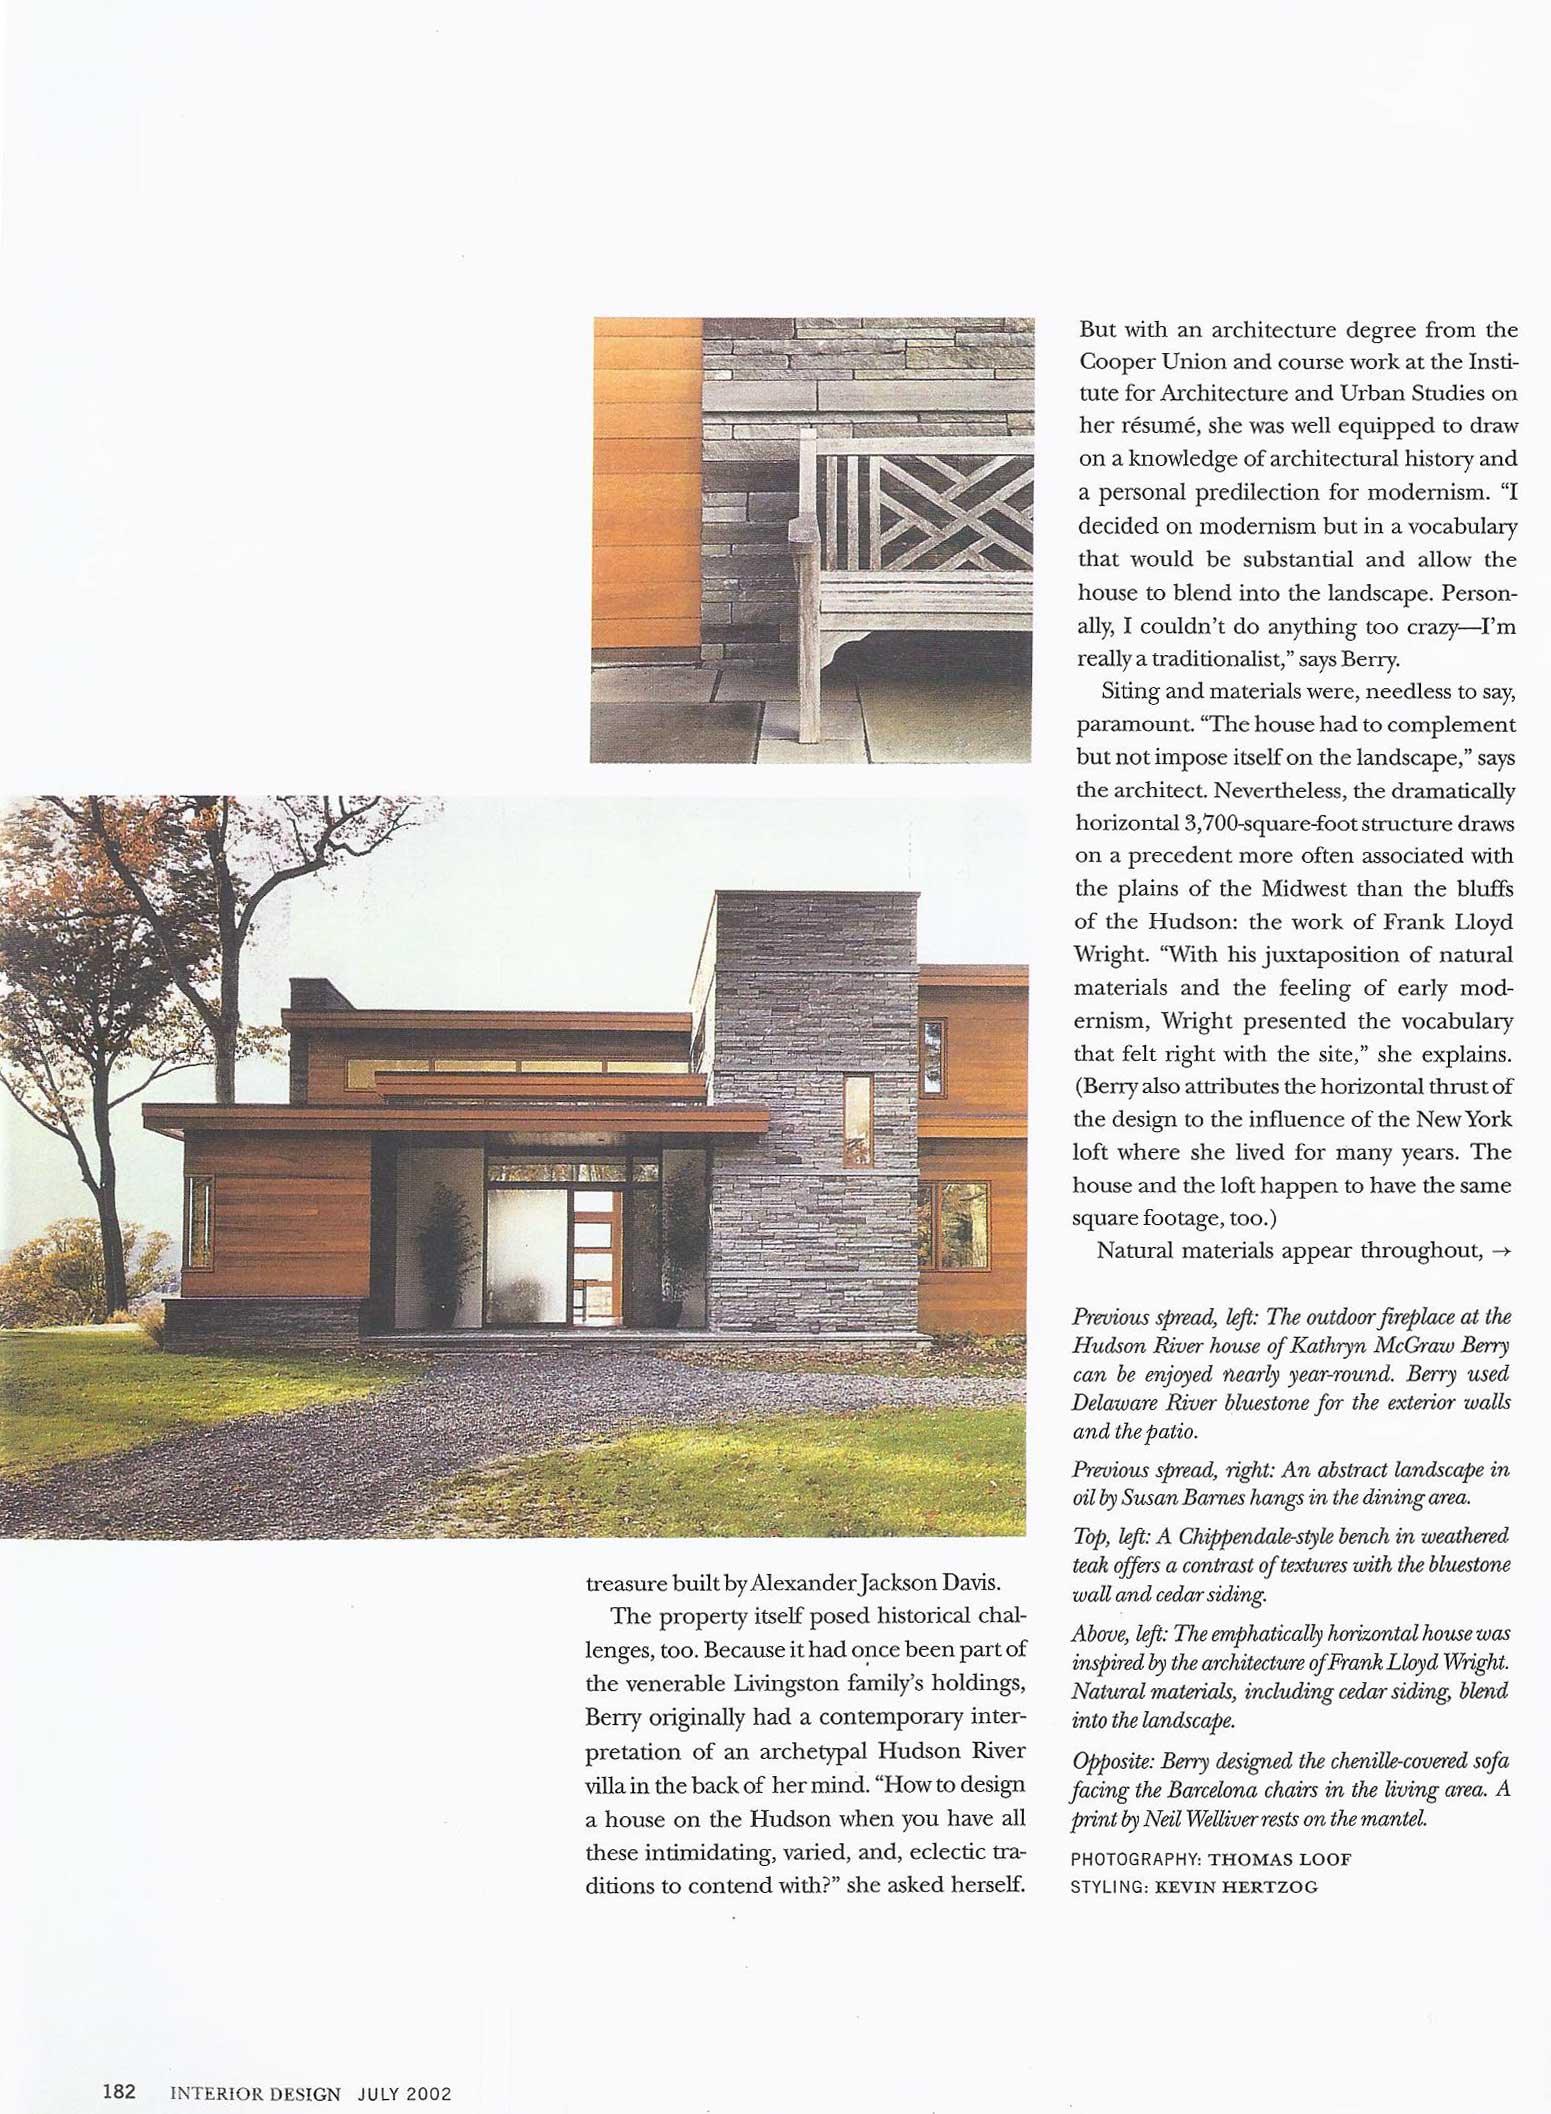 Interior-Design-Article-3.jpg